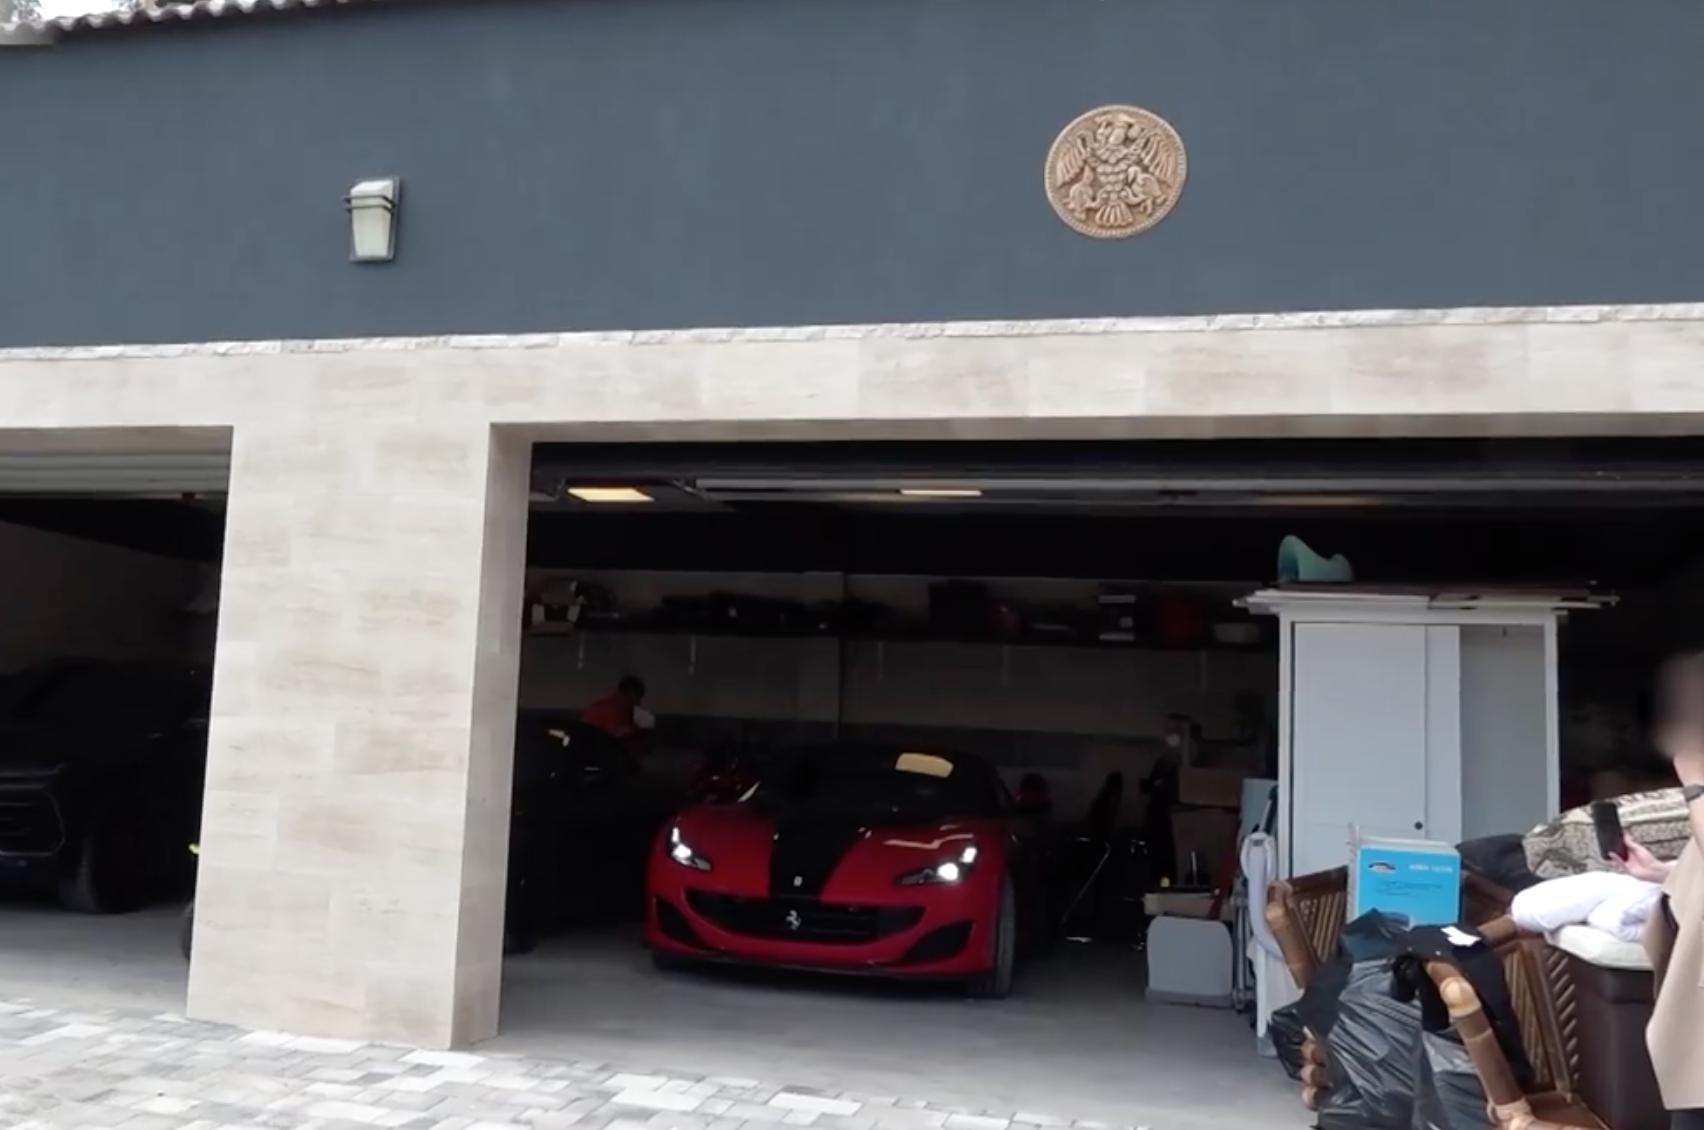 Ferrarit, kishajót és befalazott pénzt foglalt le a NAV egy bűnszervezettől